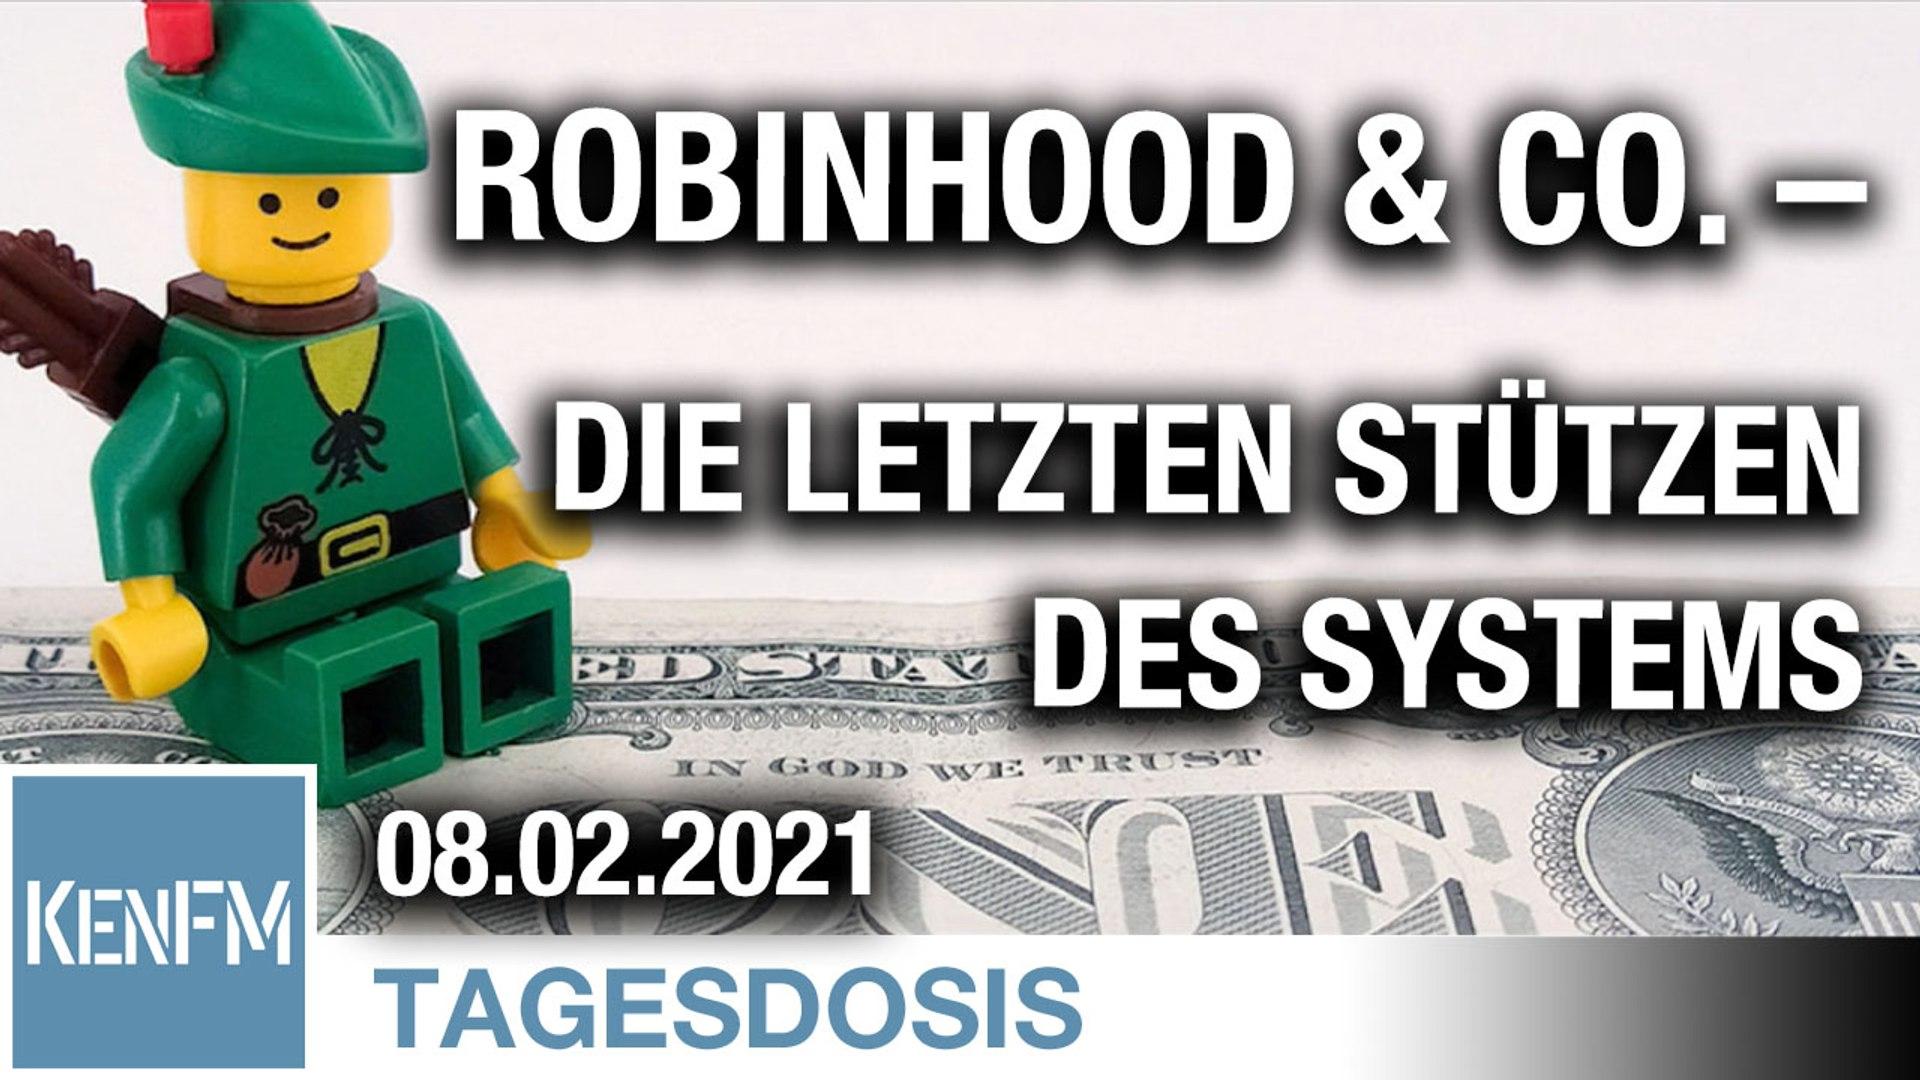 RobinHood & Co. – die letzten Stützen des Systems